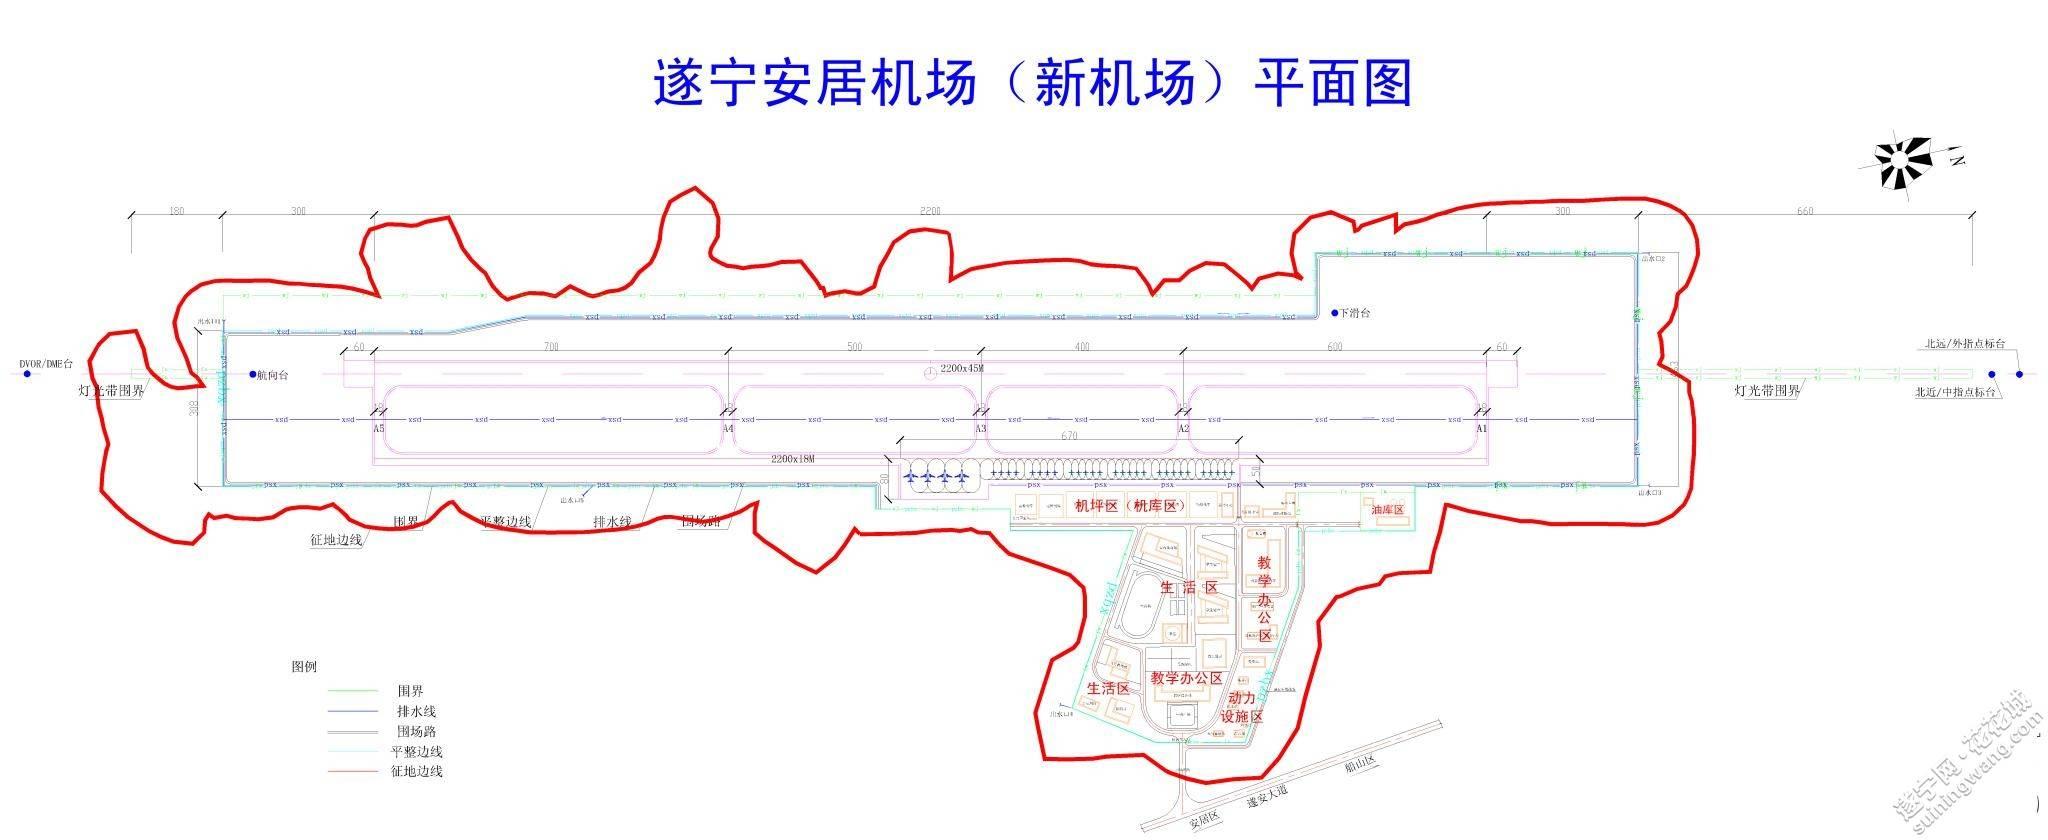 新鲜出炉安居机场规划平面图大图